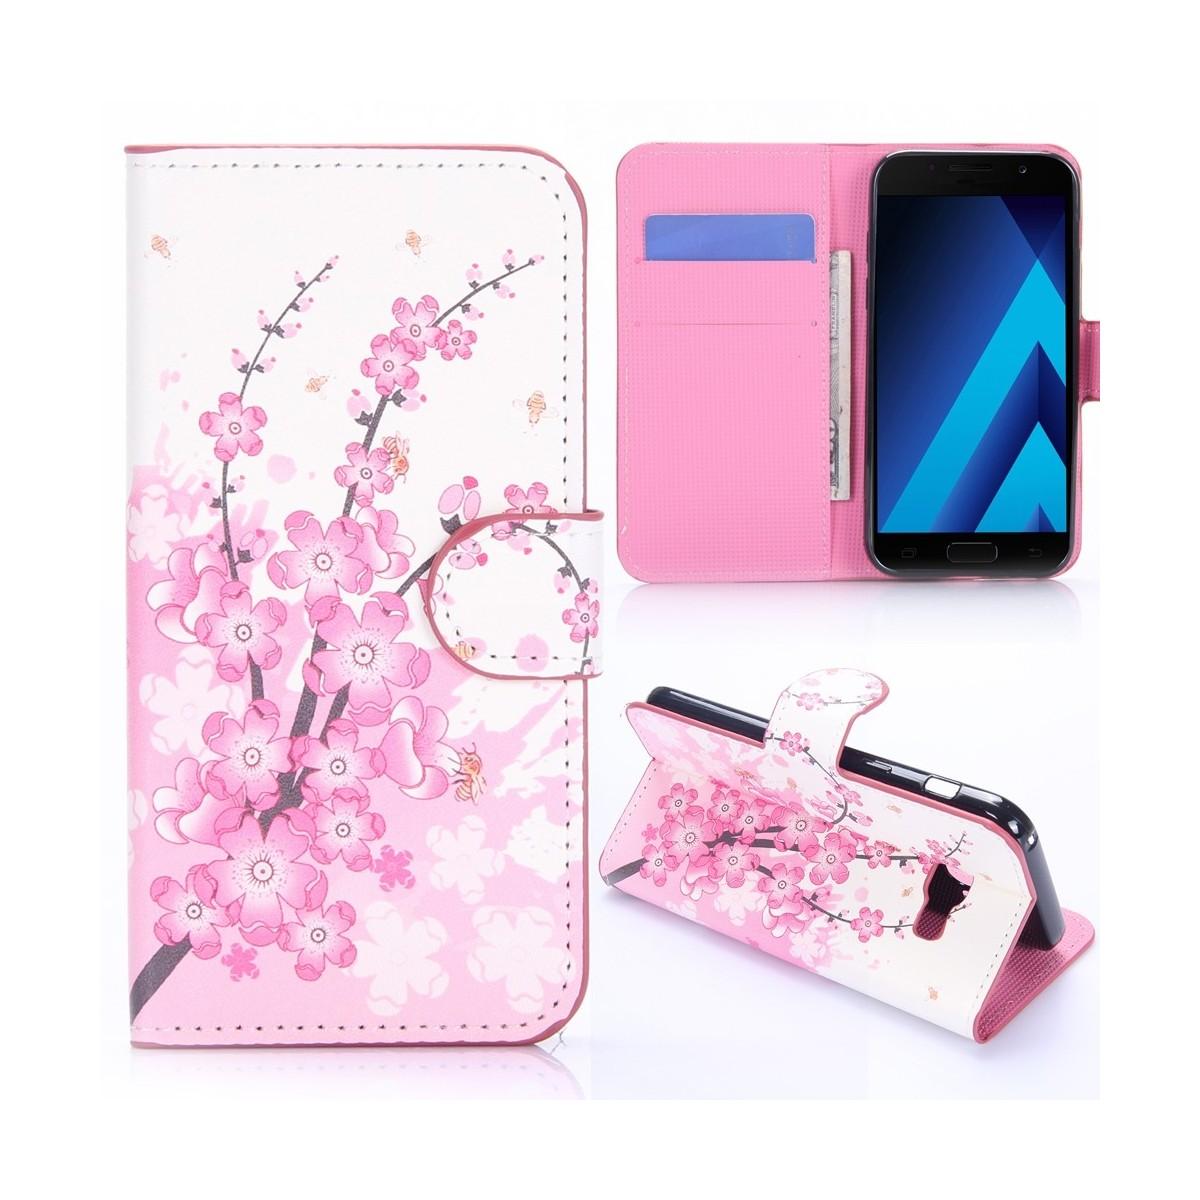 Etui Galaxy A3 (2017) motif Fleurs Japonaises - Crazy Kase